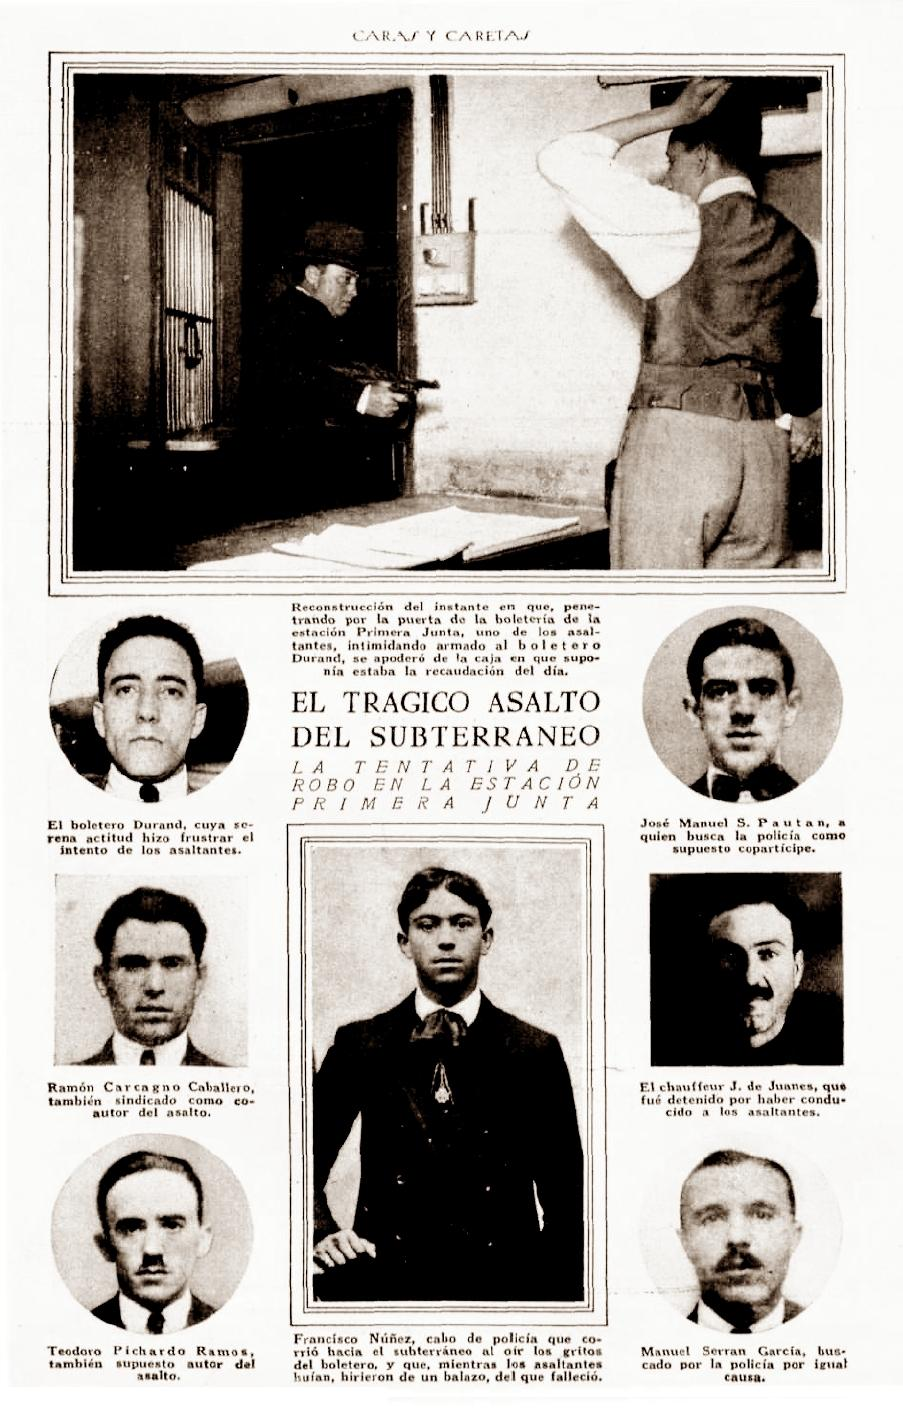 """L'atracament de Primera Junta segons la publicació de Buenos Aires """"Caras y Caretas"""" (núm. 1.417, 28-11-1925)"""